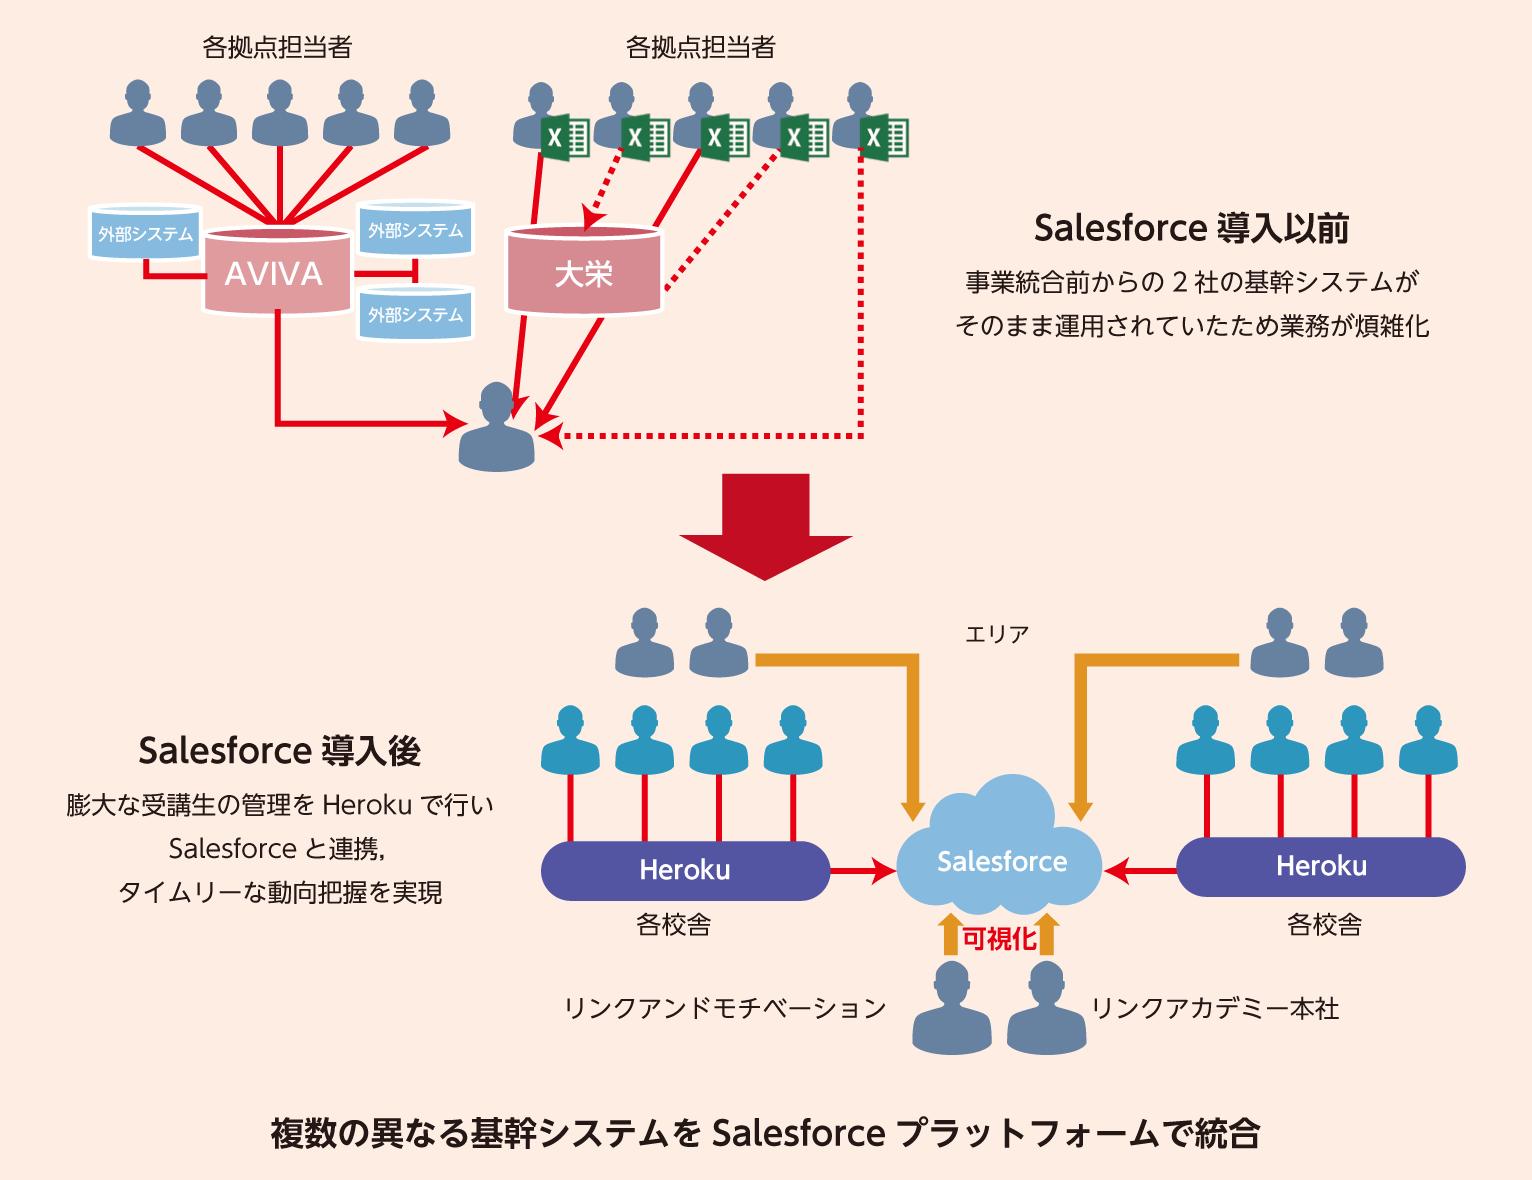 複数の異なる基幹システムをSalesforce プラットフォームで統合